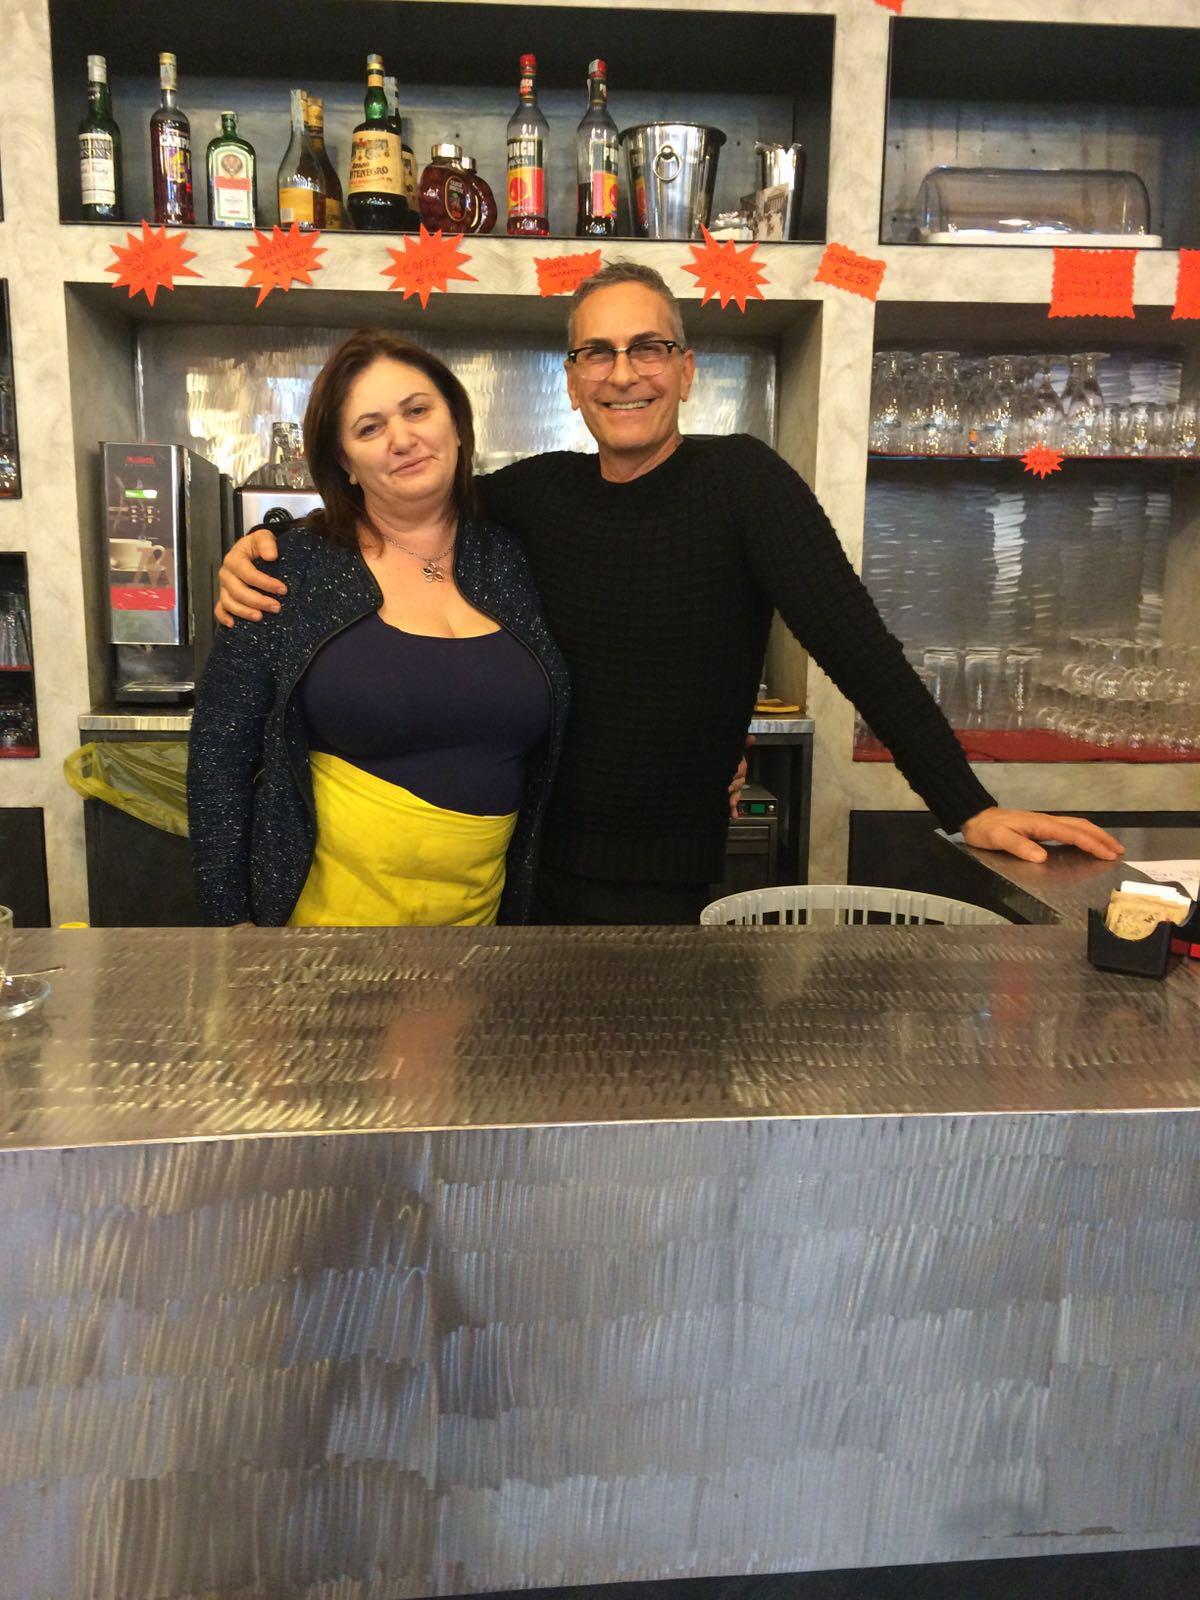 I nostri bravissimi baristi Rita e Claudio al lavoro dietro il bancone!